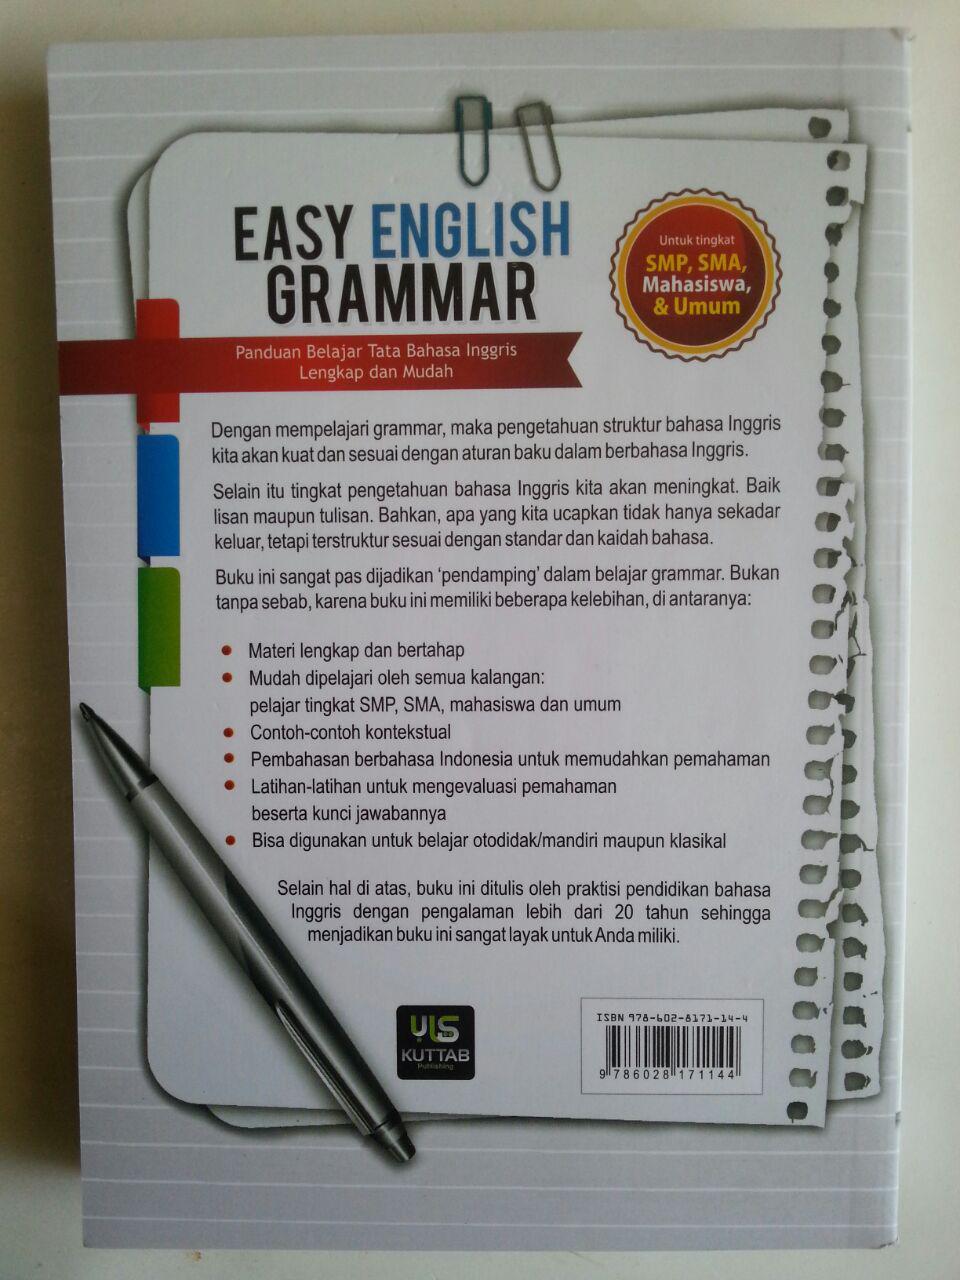 Buku Easy English Grammar Panduan Belajar Tata Bahasa Inggris cover